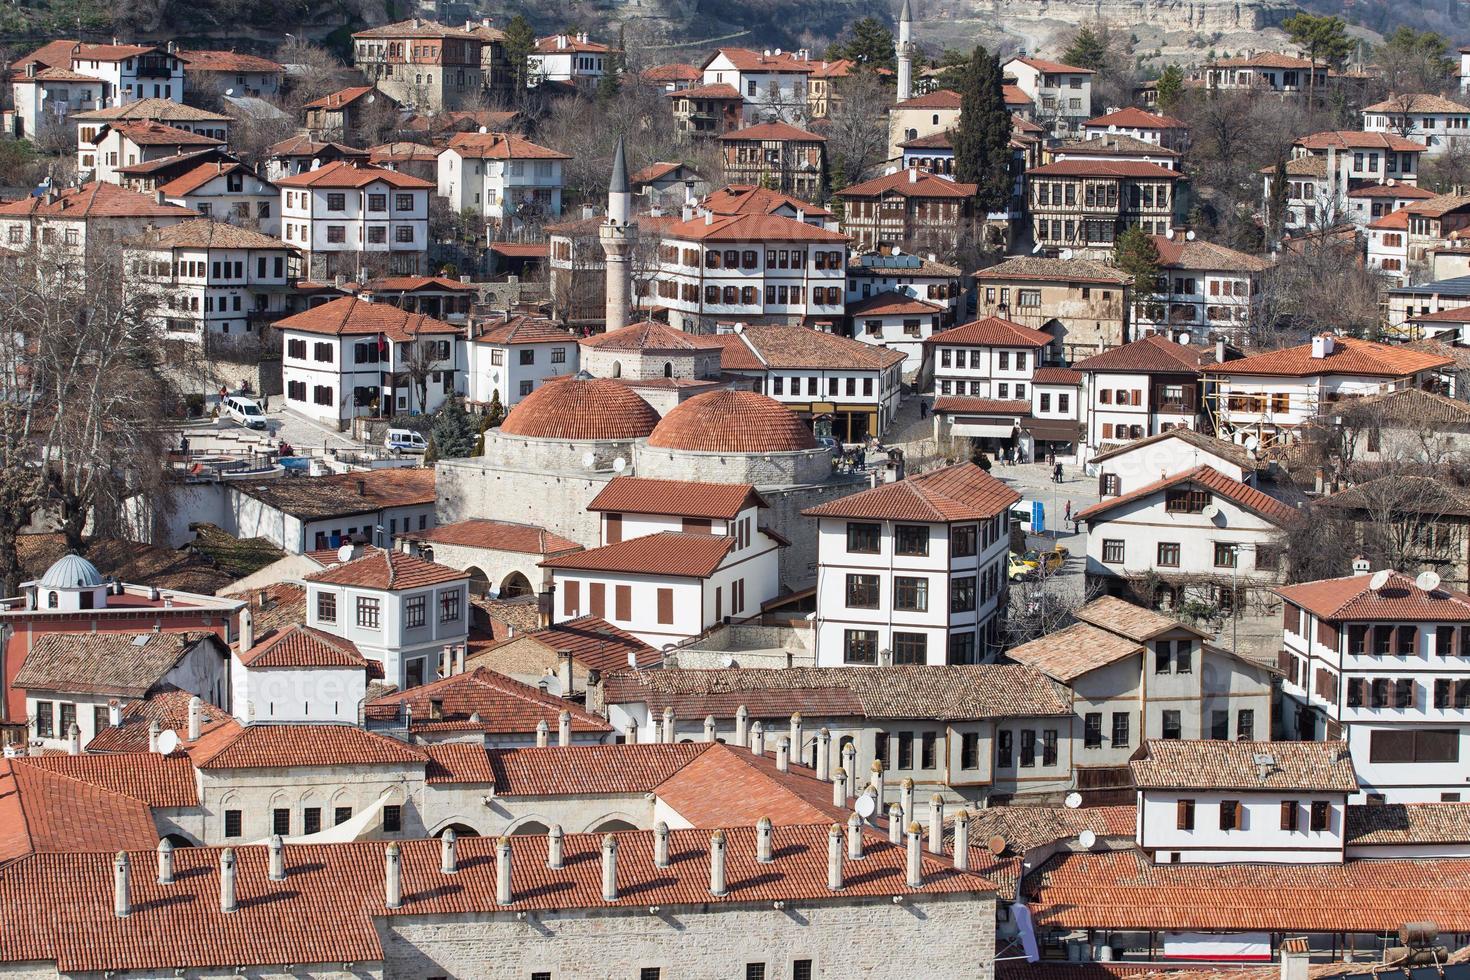 safranbolu stad, Turkiet foto